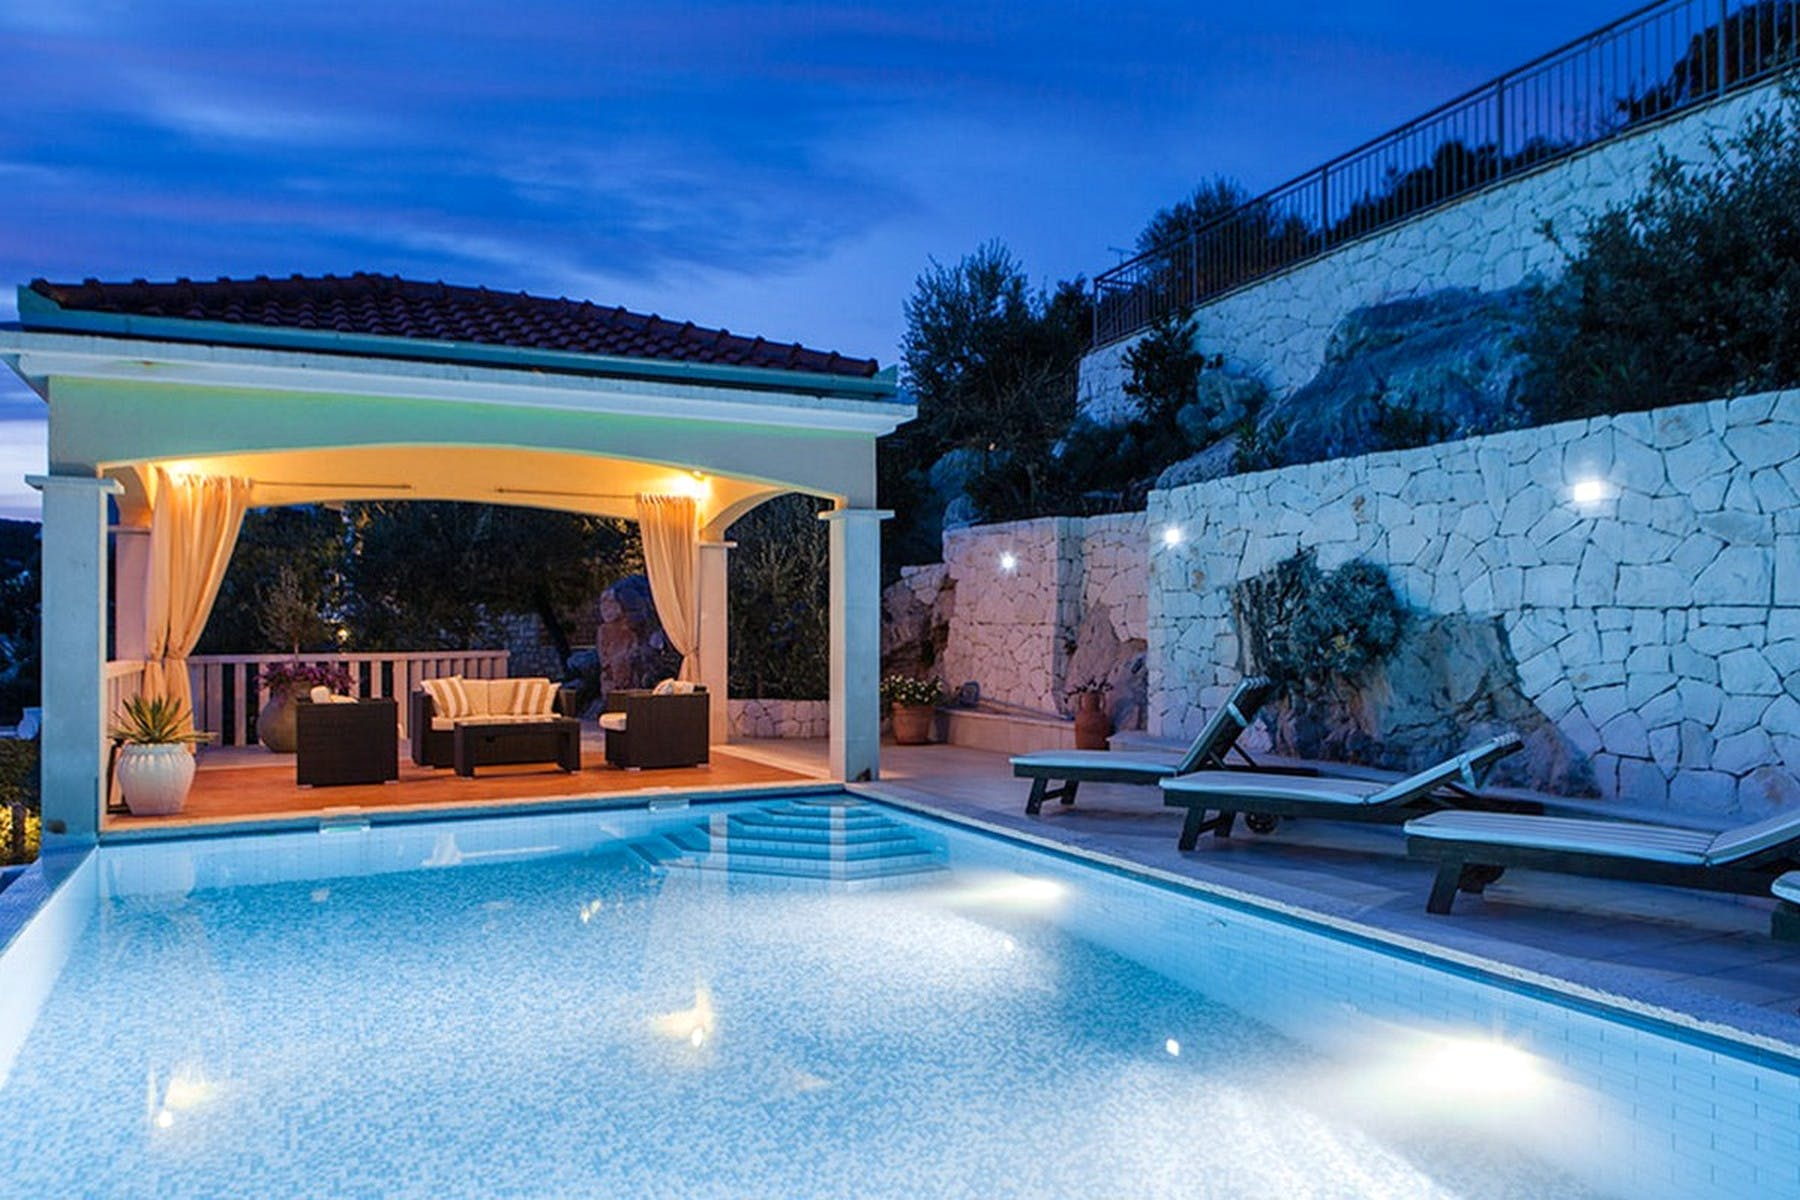 Villa Mistral by night